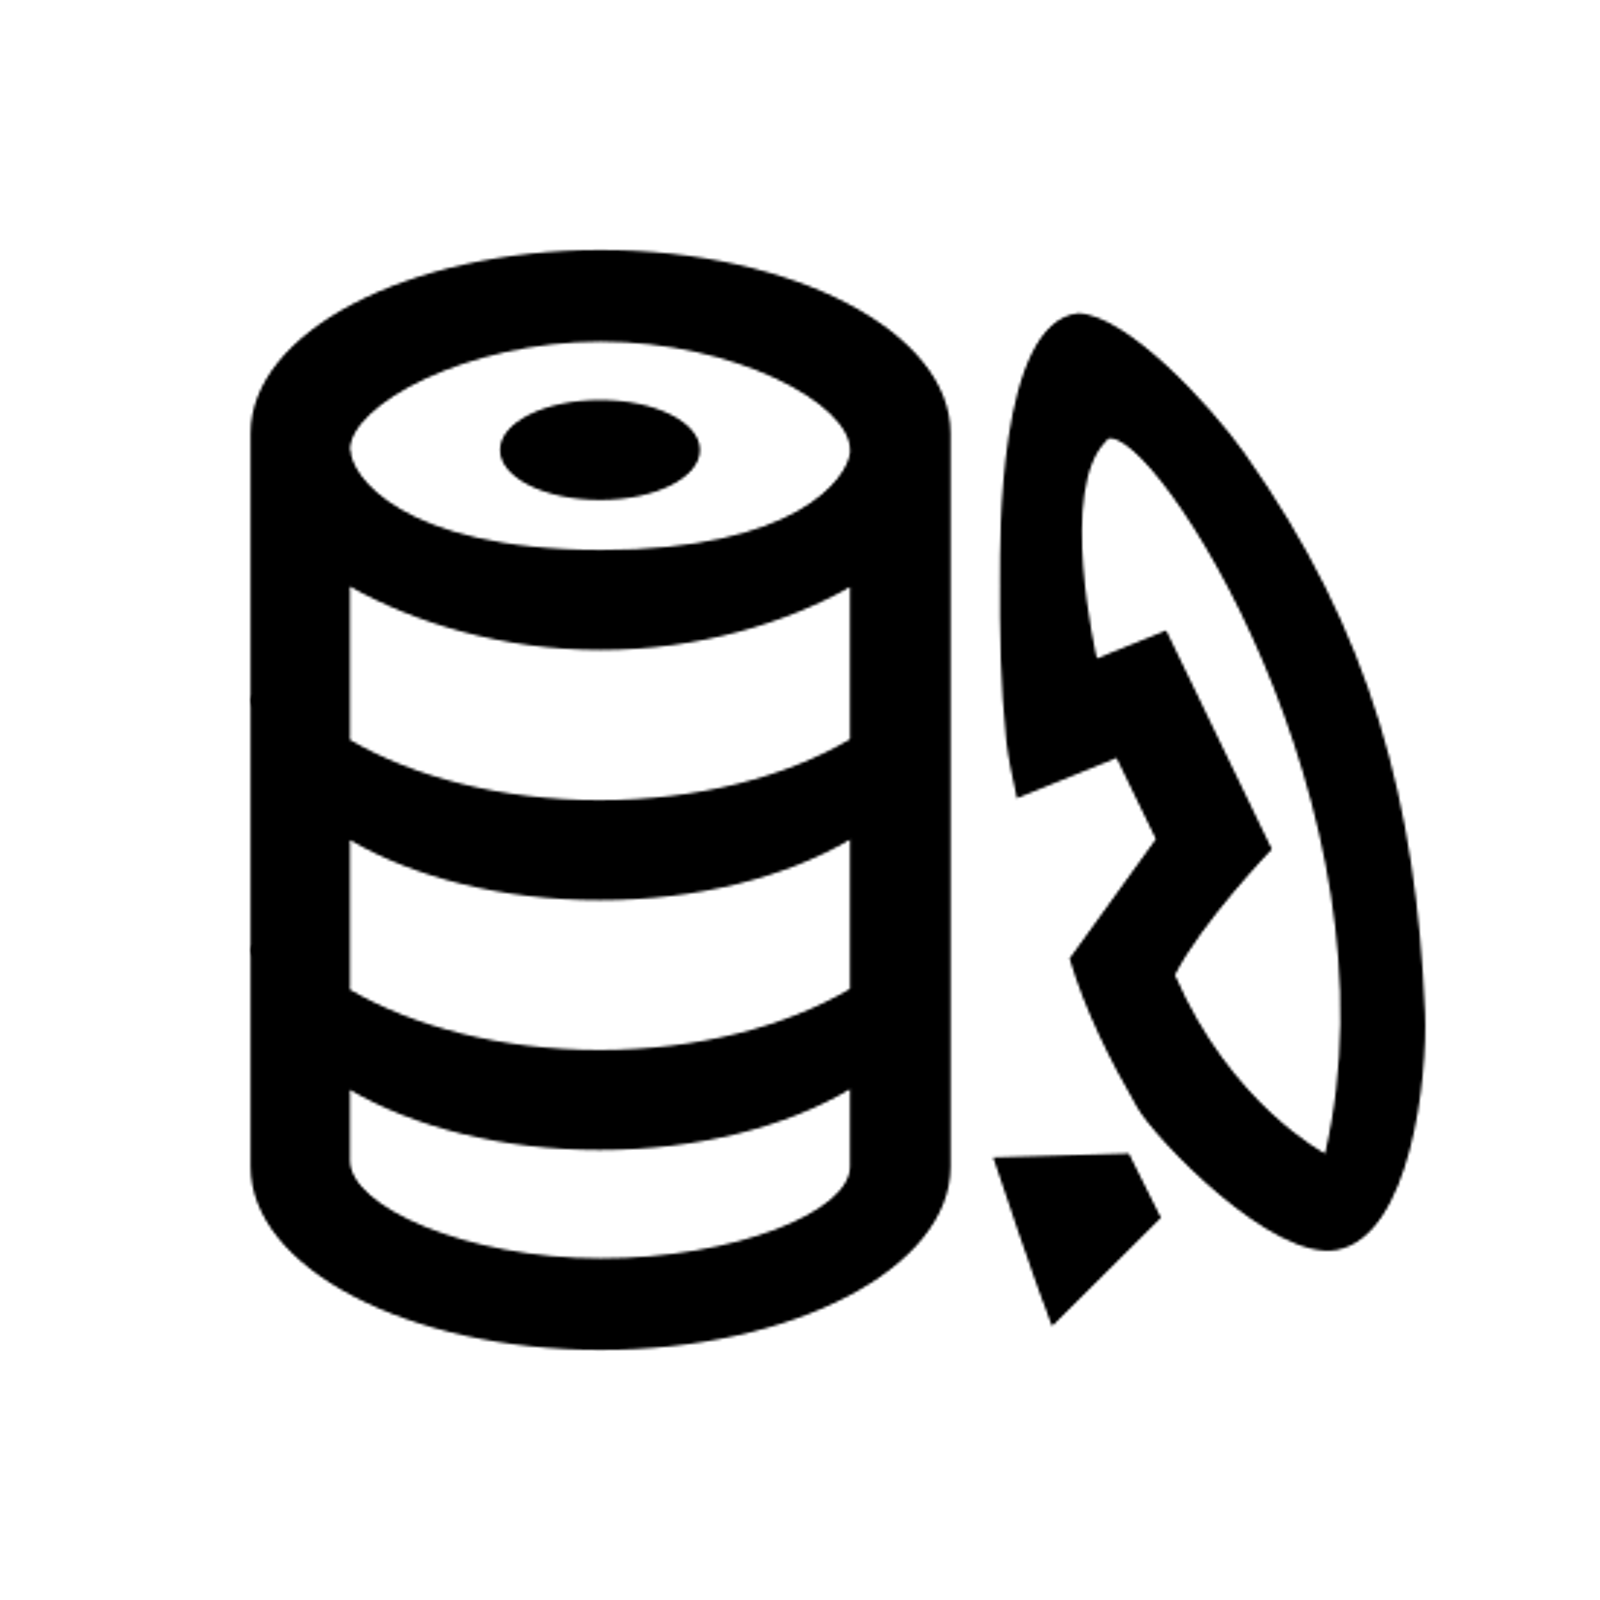 Иконка QuickPar - скачать бесплатно в PNG и векторе 6a0e9989732